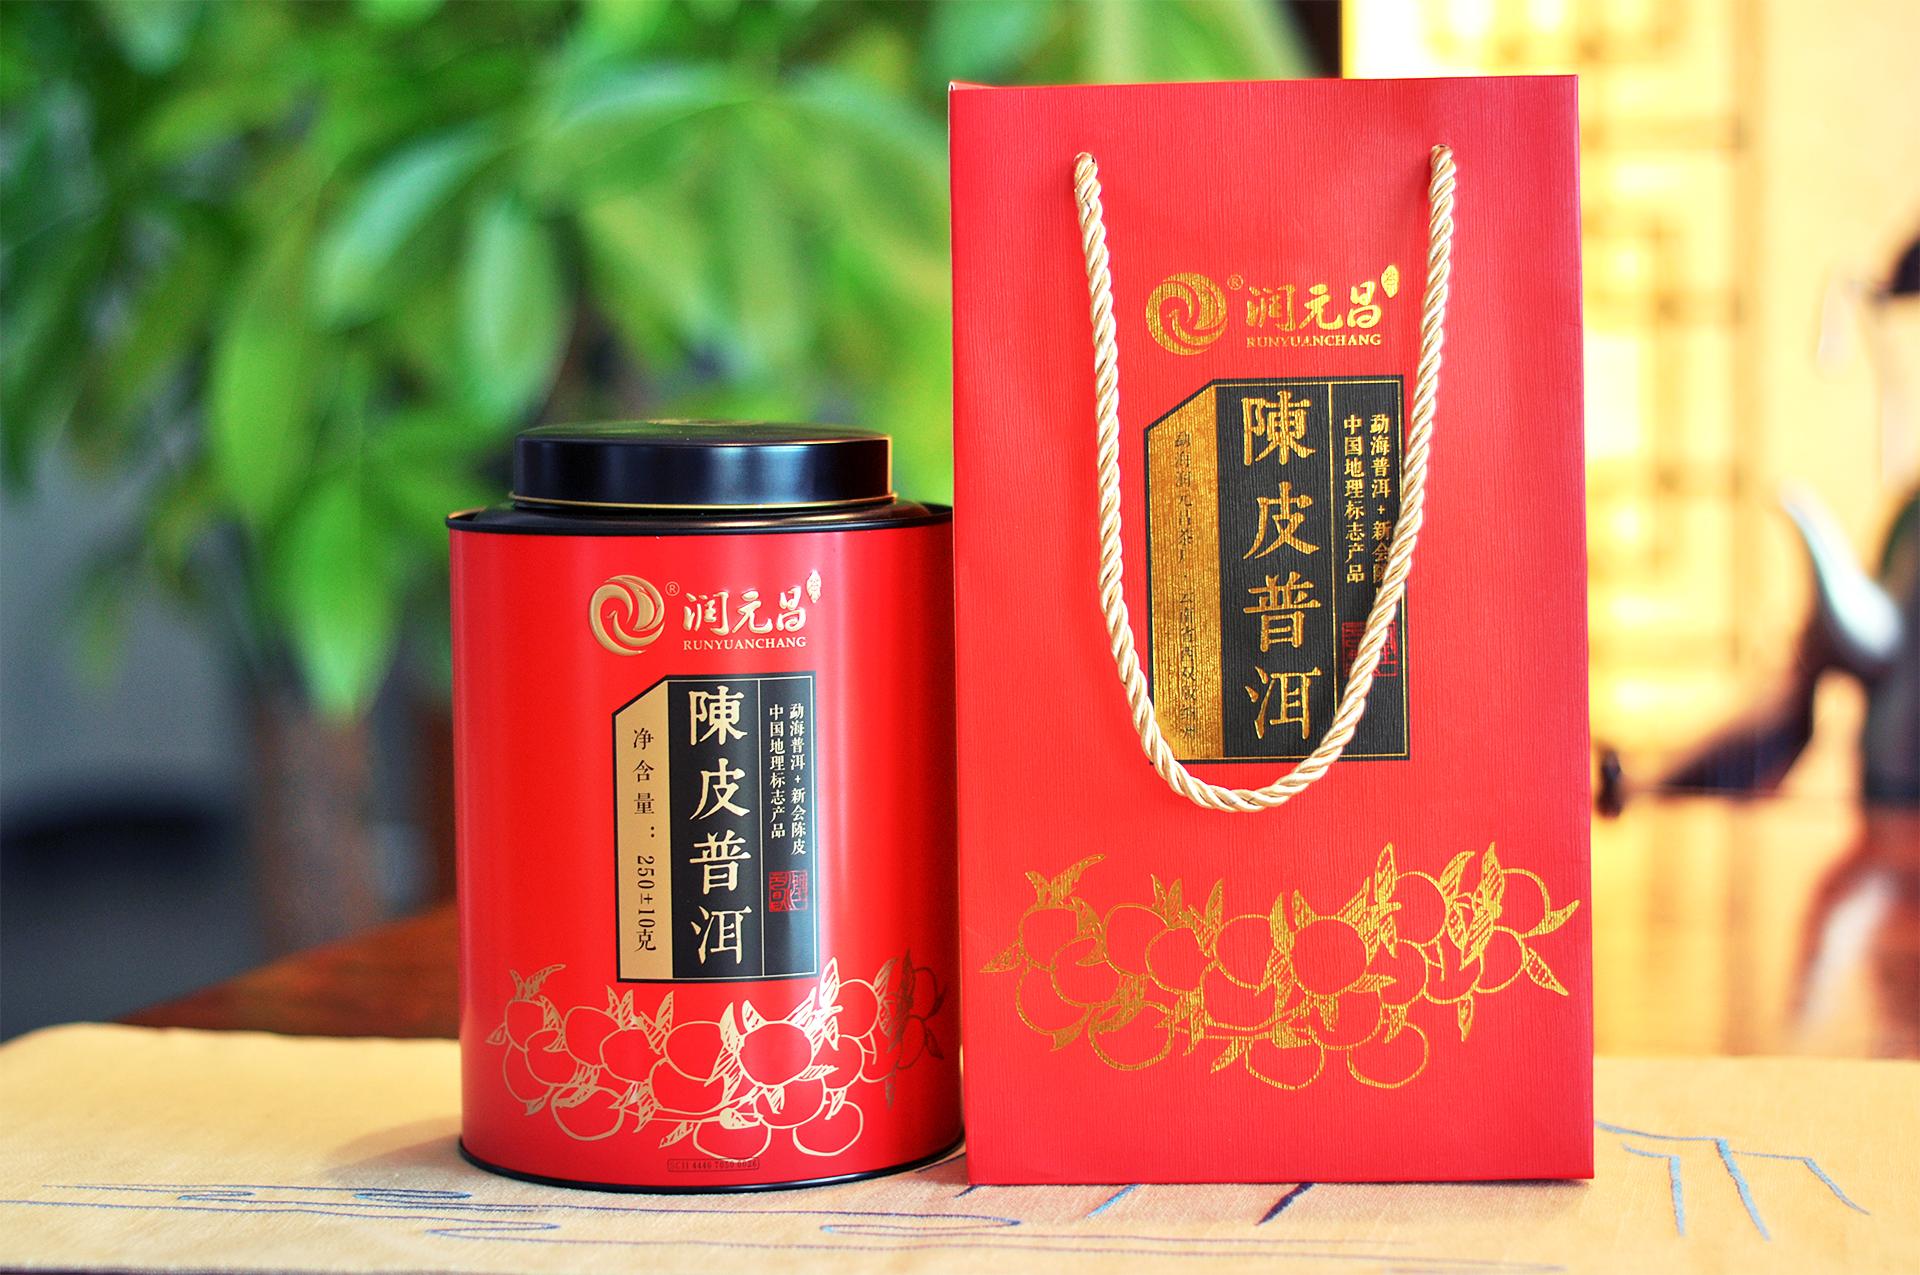 润元昌2016陈皮普洱-250克小青柑红色版